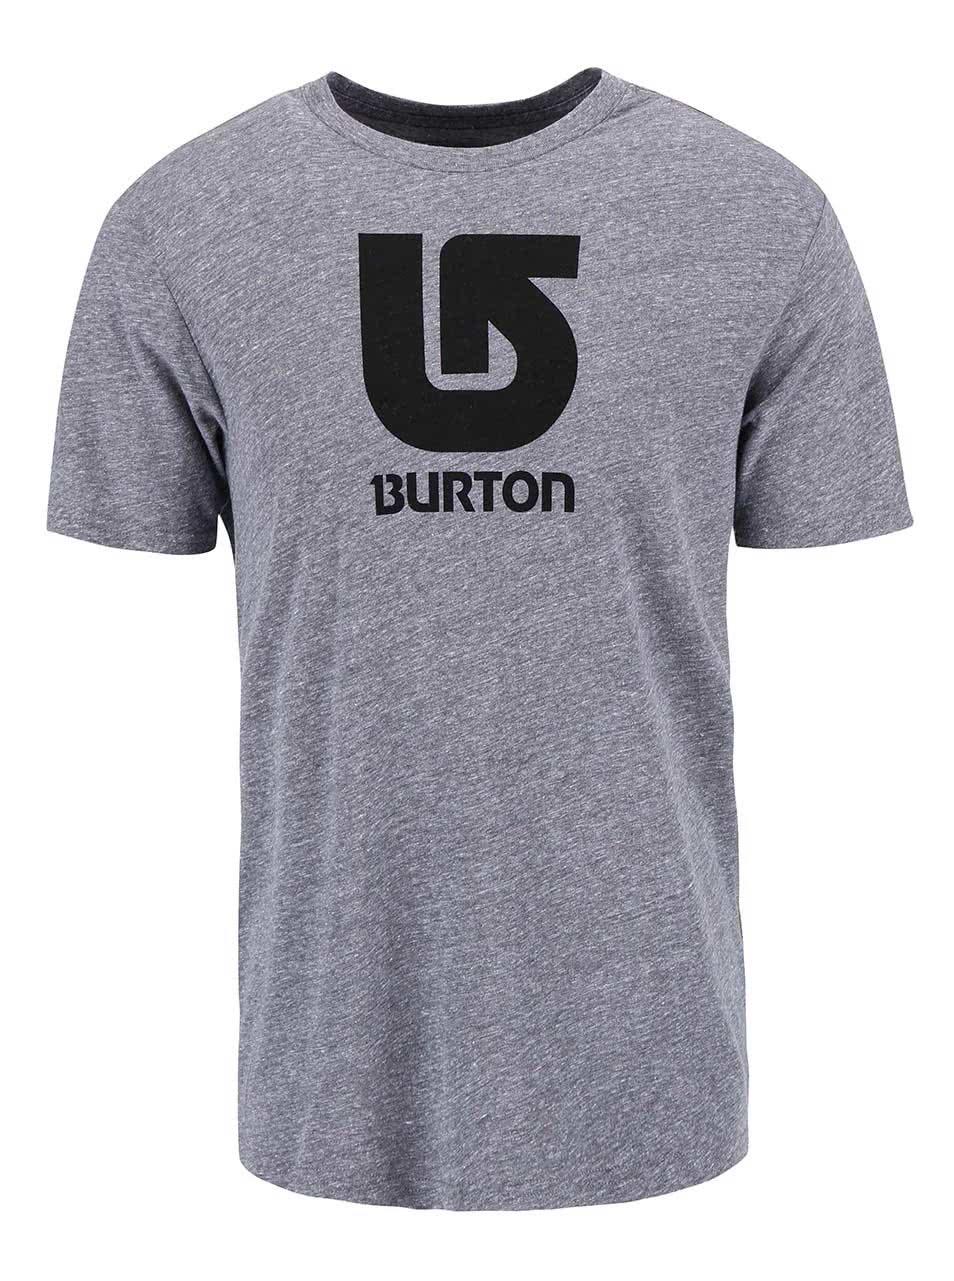 Šedé pánské triko Burton Logo